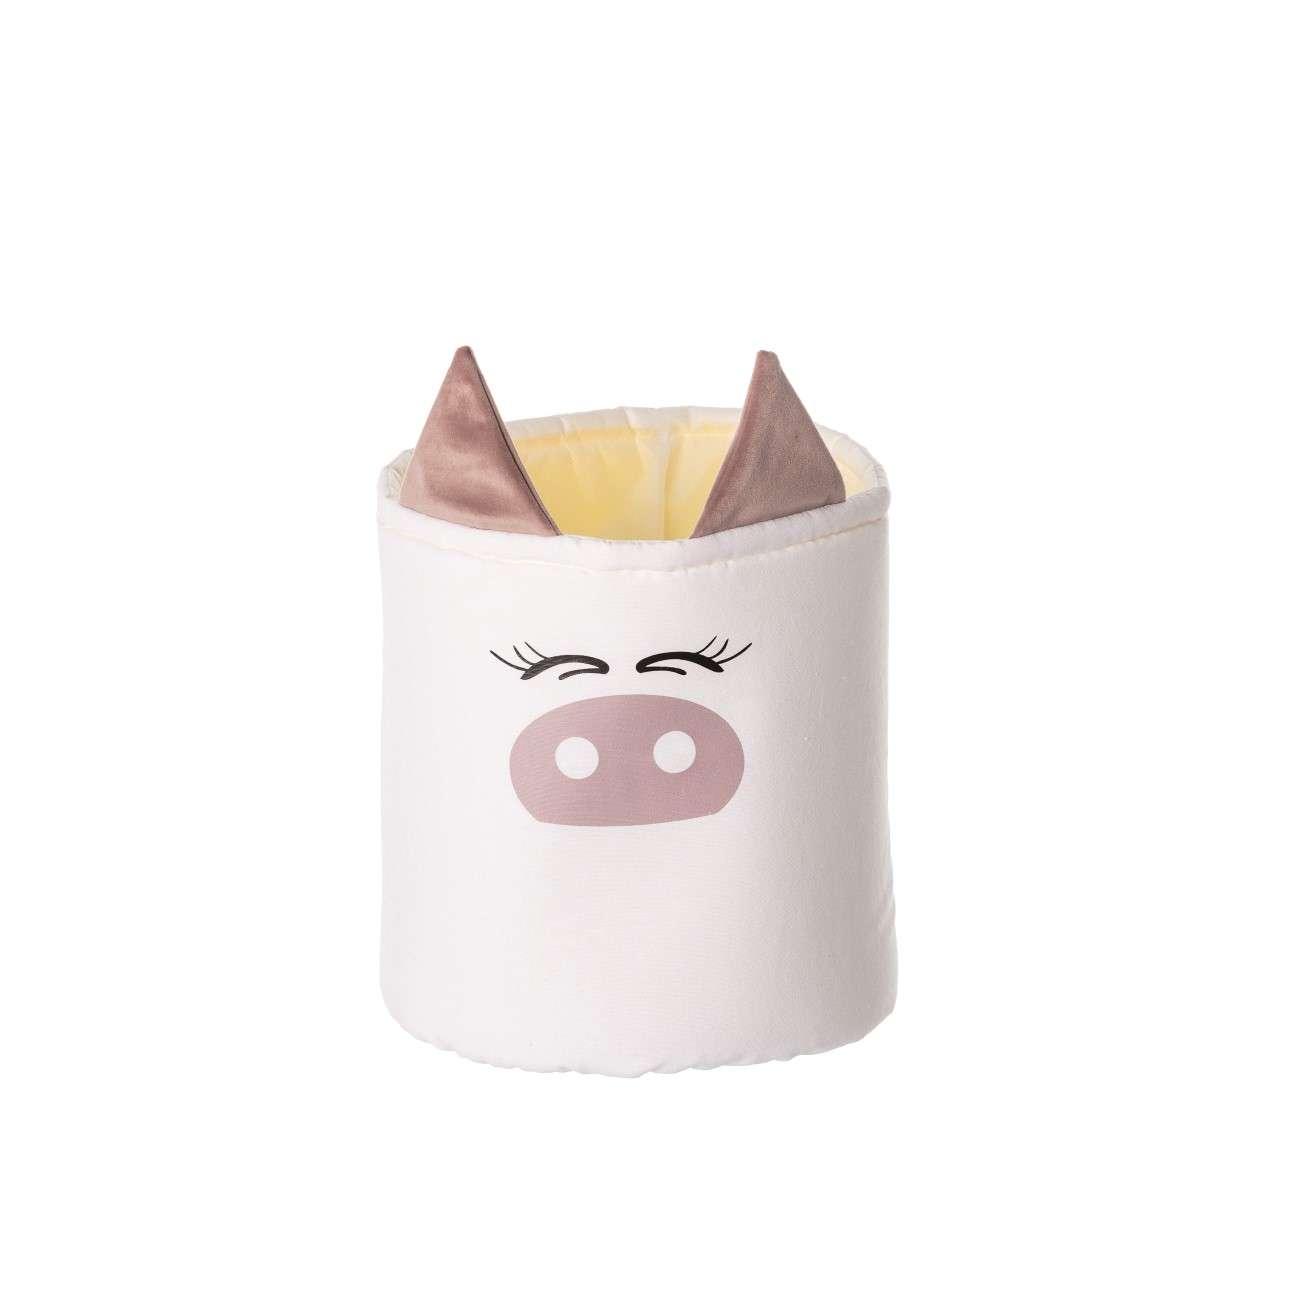 Spielzeugkorb Happy Band - Piggy 25x30cm